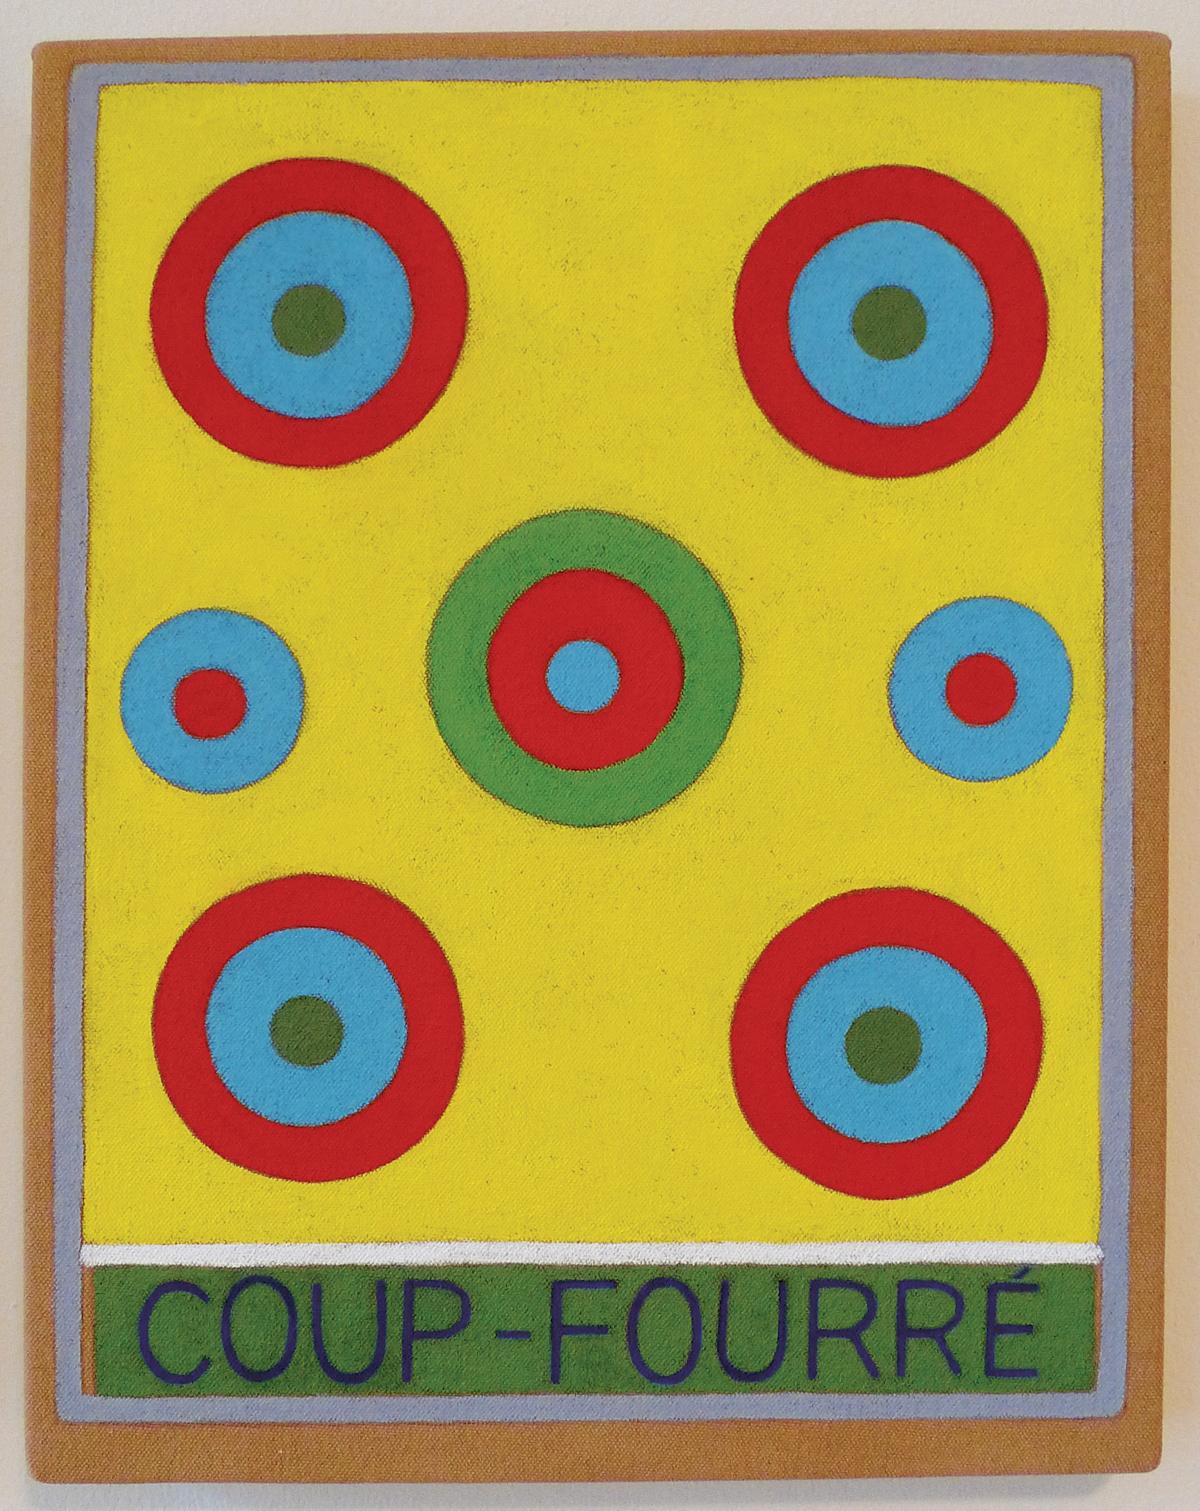 Coup-Fourré